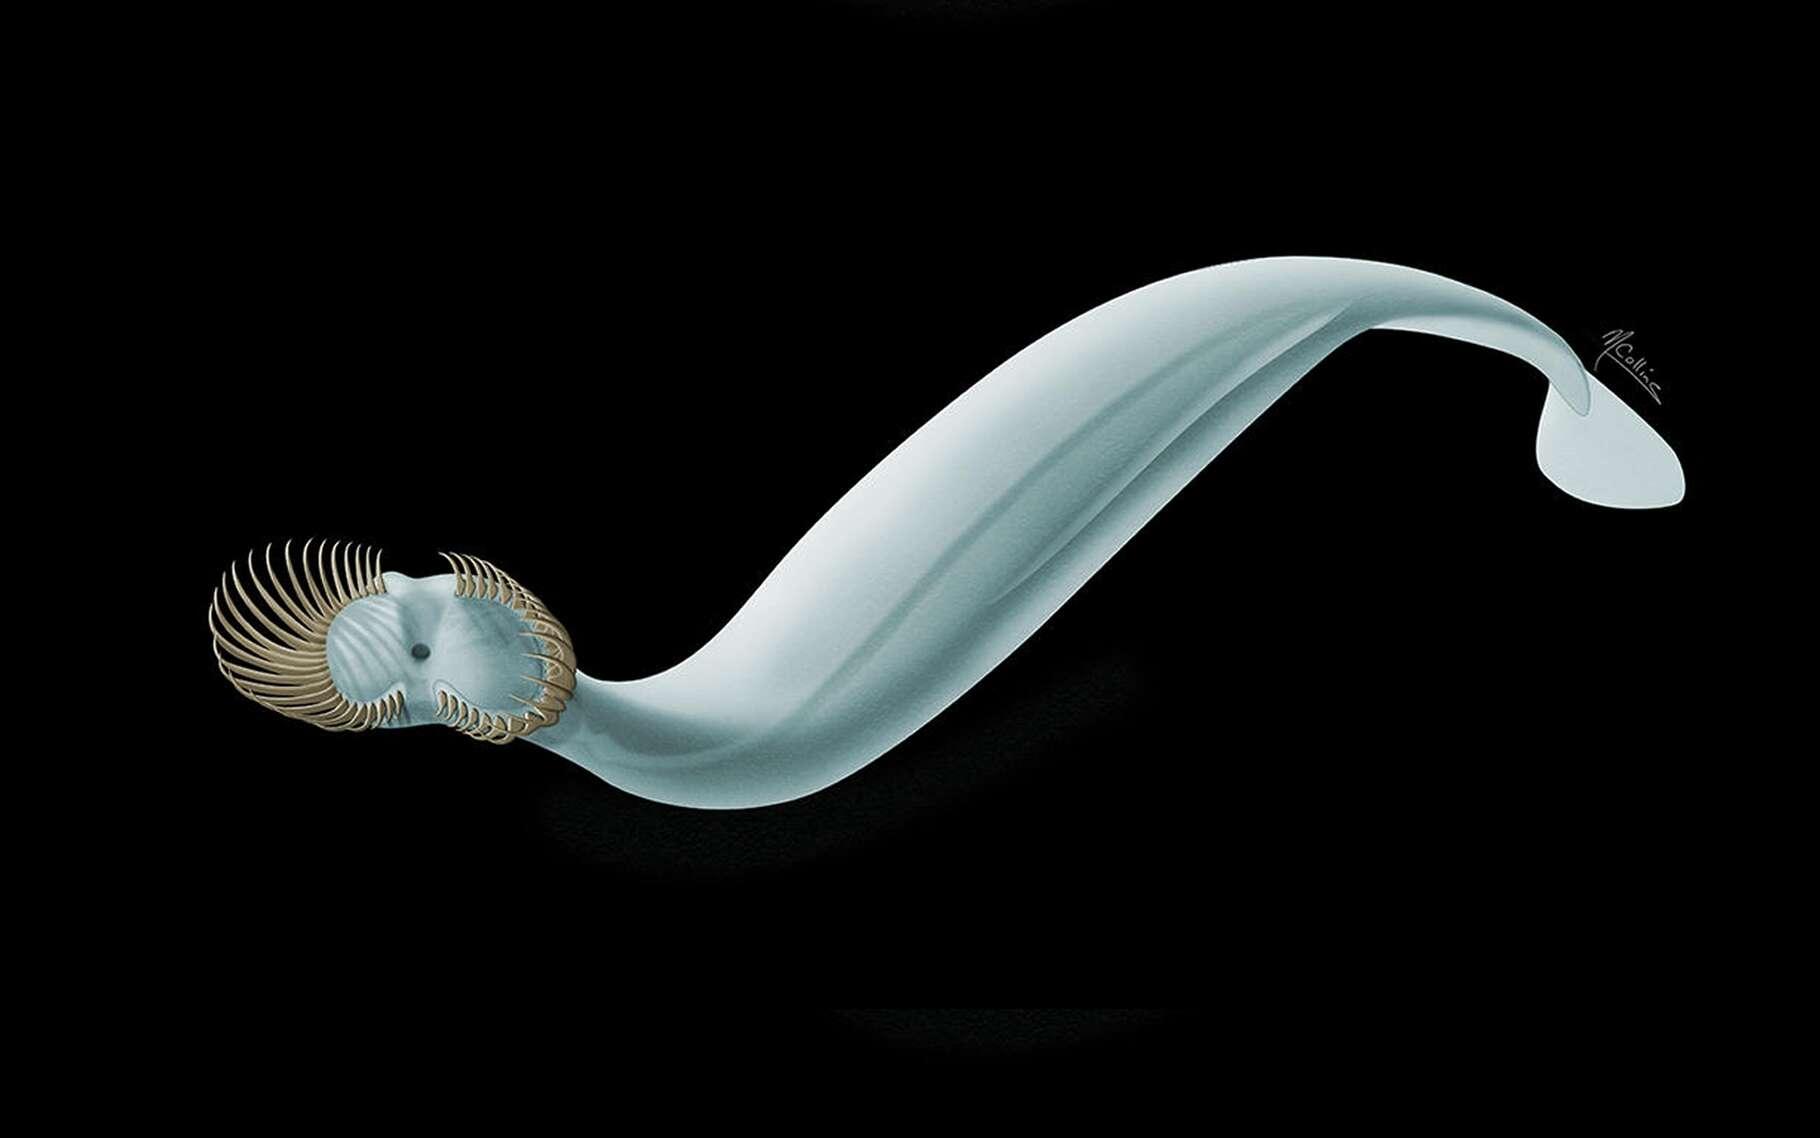 Une belle reconstitution de Capinatator praetermissus, un ver sagittaire, grand chasseur des mers du Cambrien ayant vécu il y a 500 millions d'années. © Marianne Collins, musée royal de l'Ontario